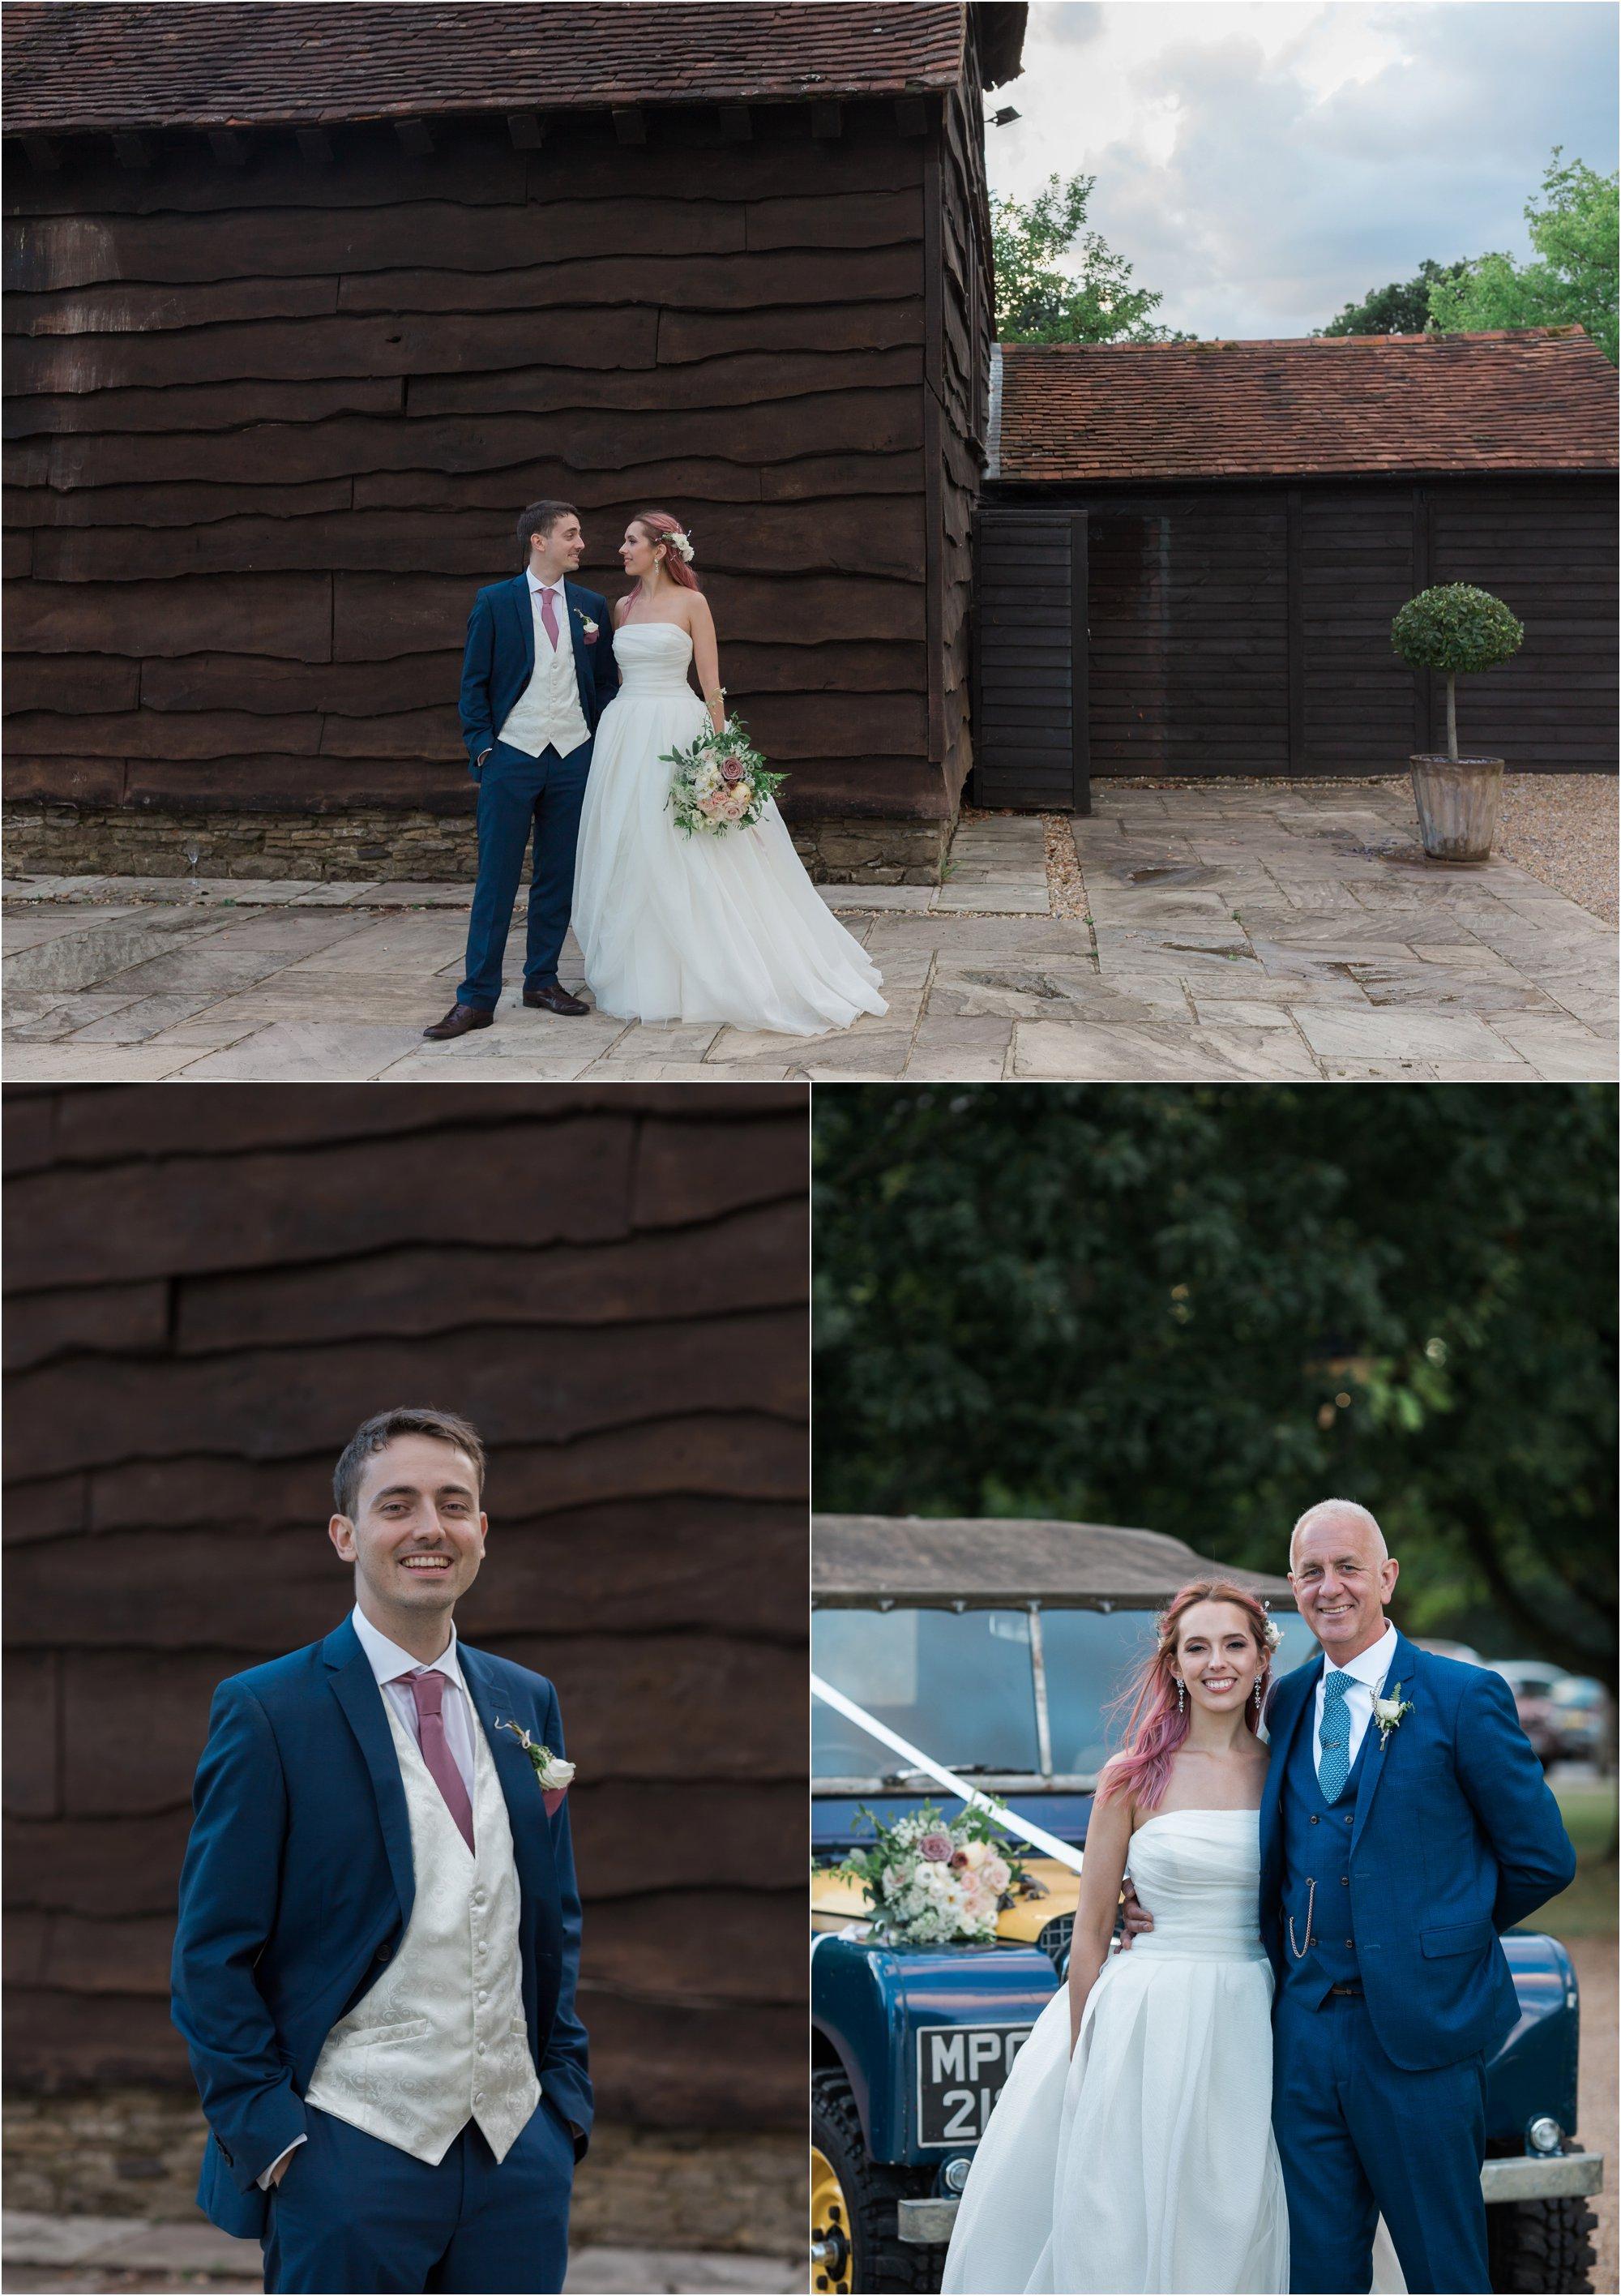 Bride and groom, and bride's dad at Loseley Park Surrey wedding